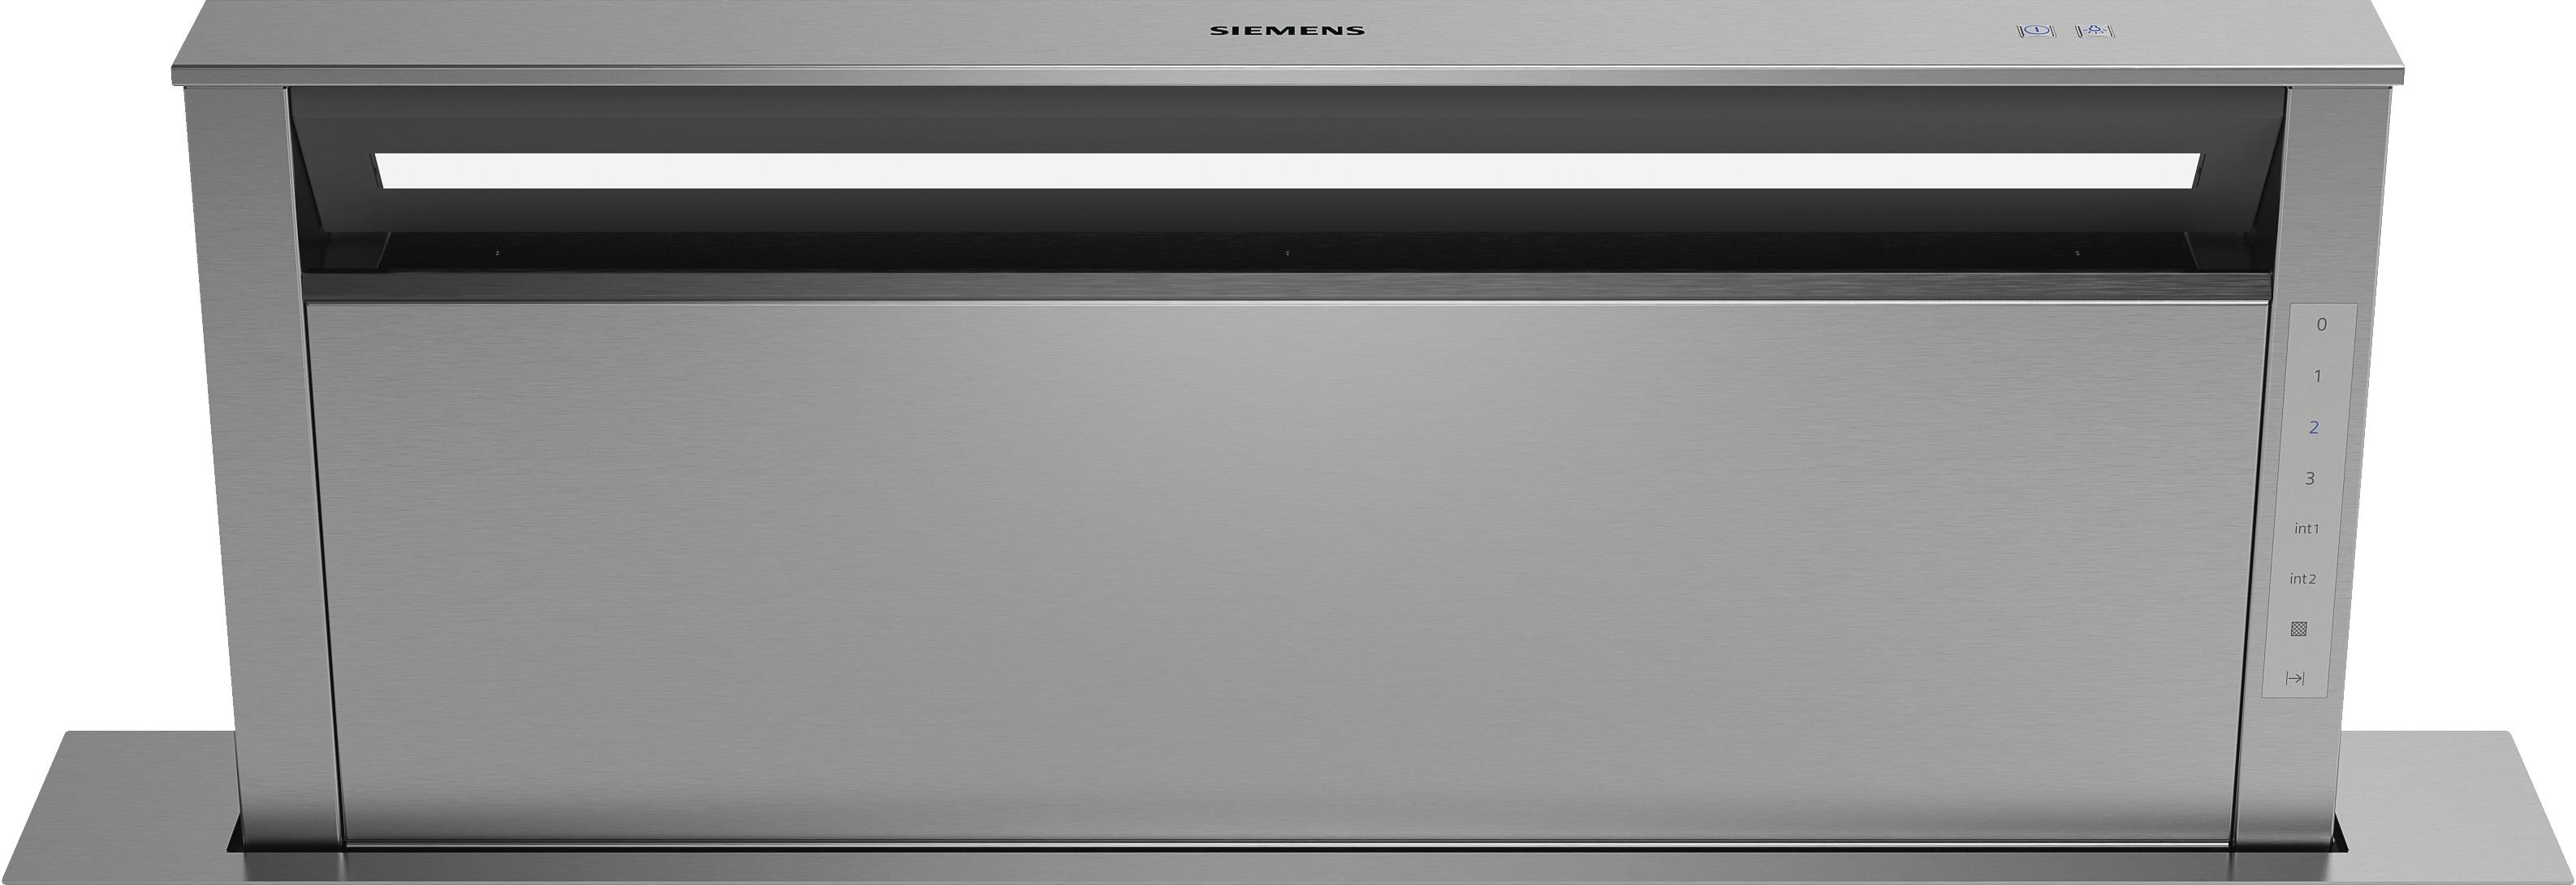 Siemens LD96DAM50 Inbouw afzuigkap Zwart